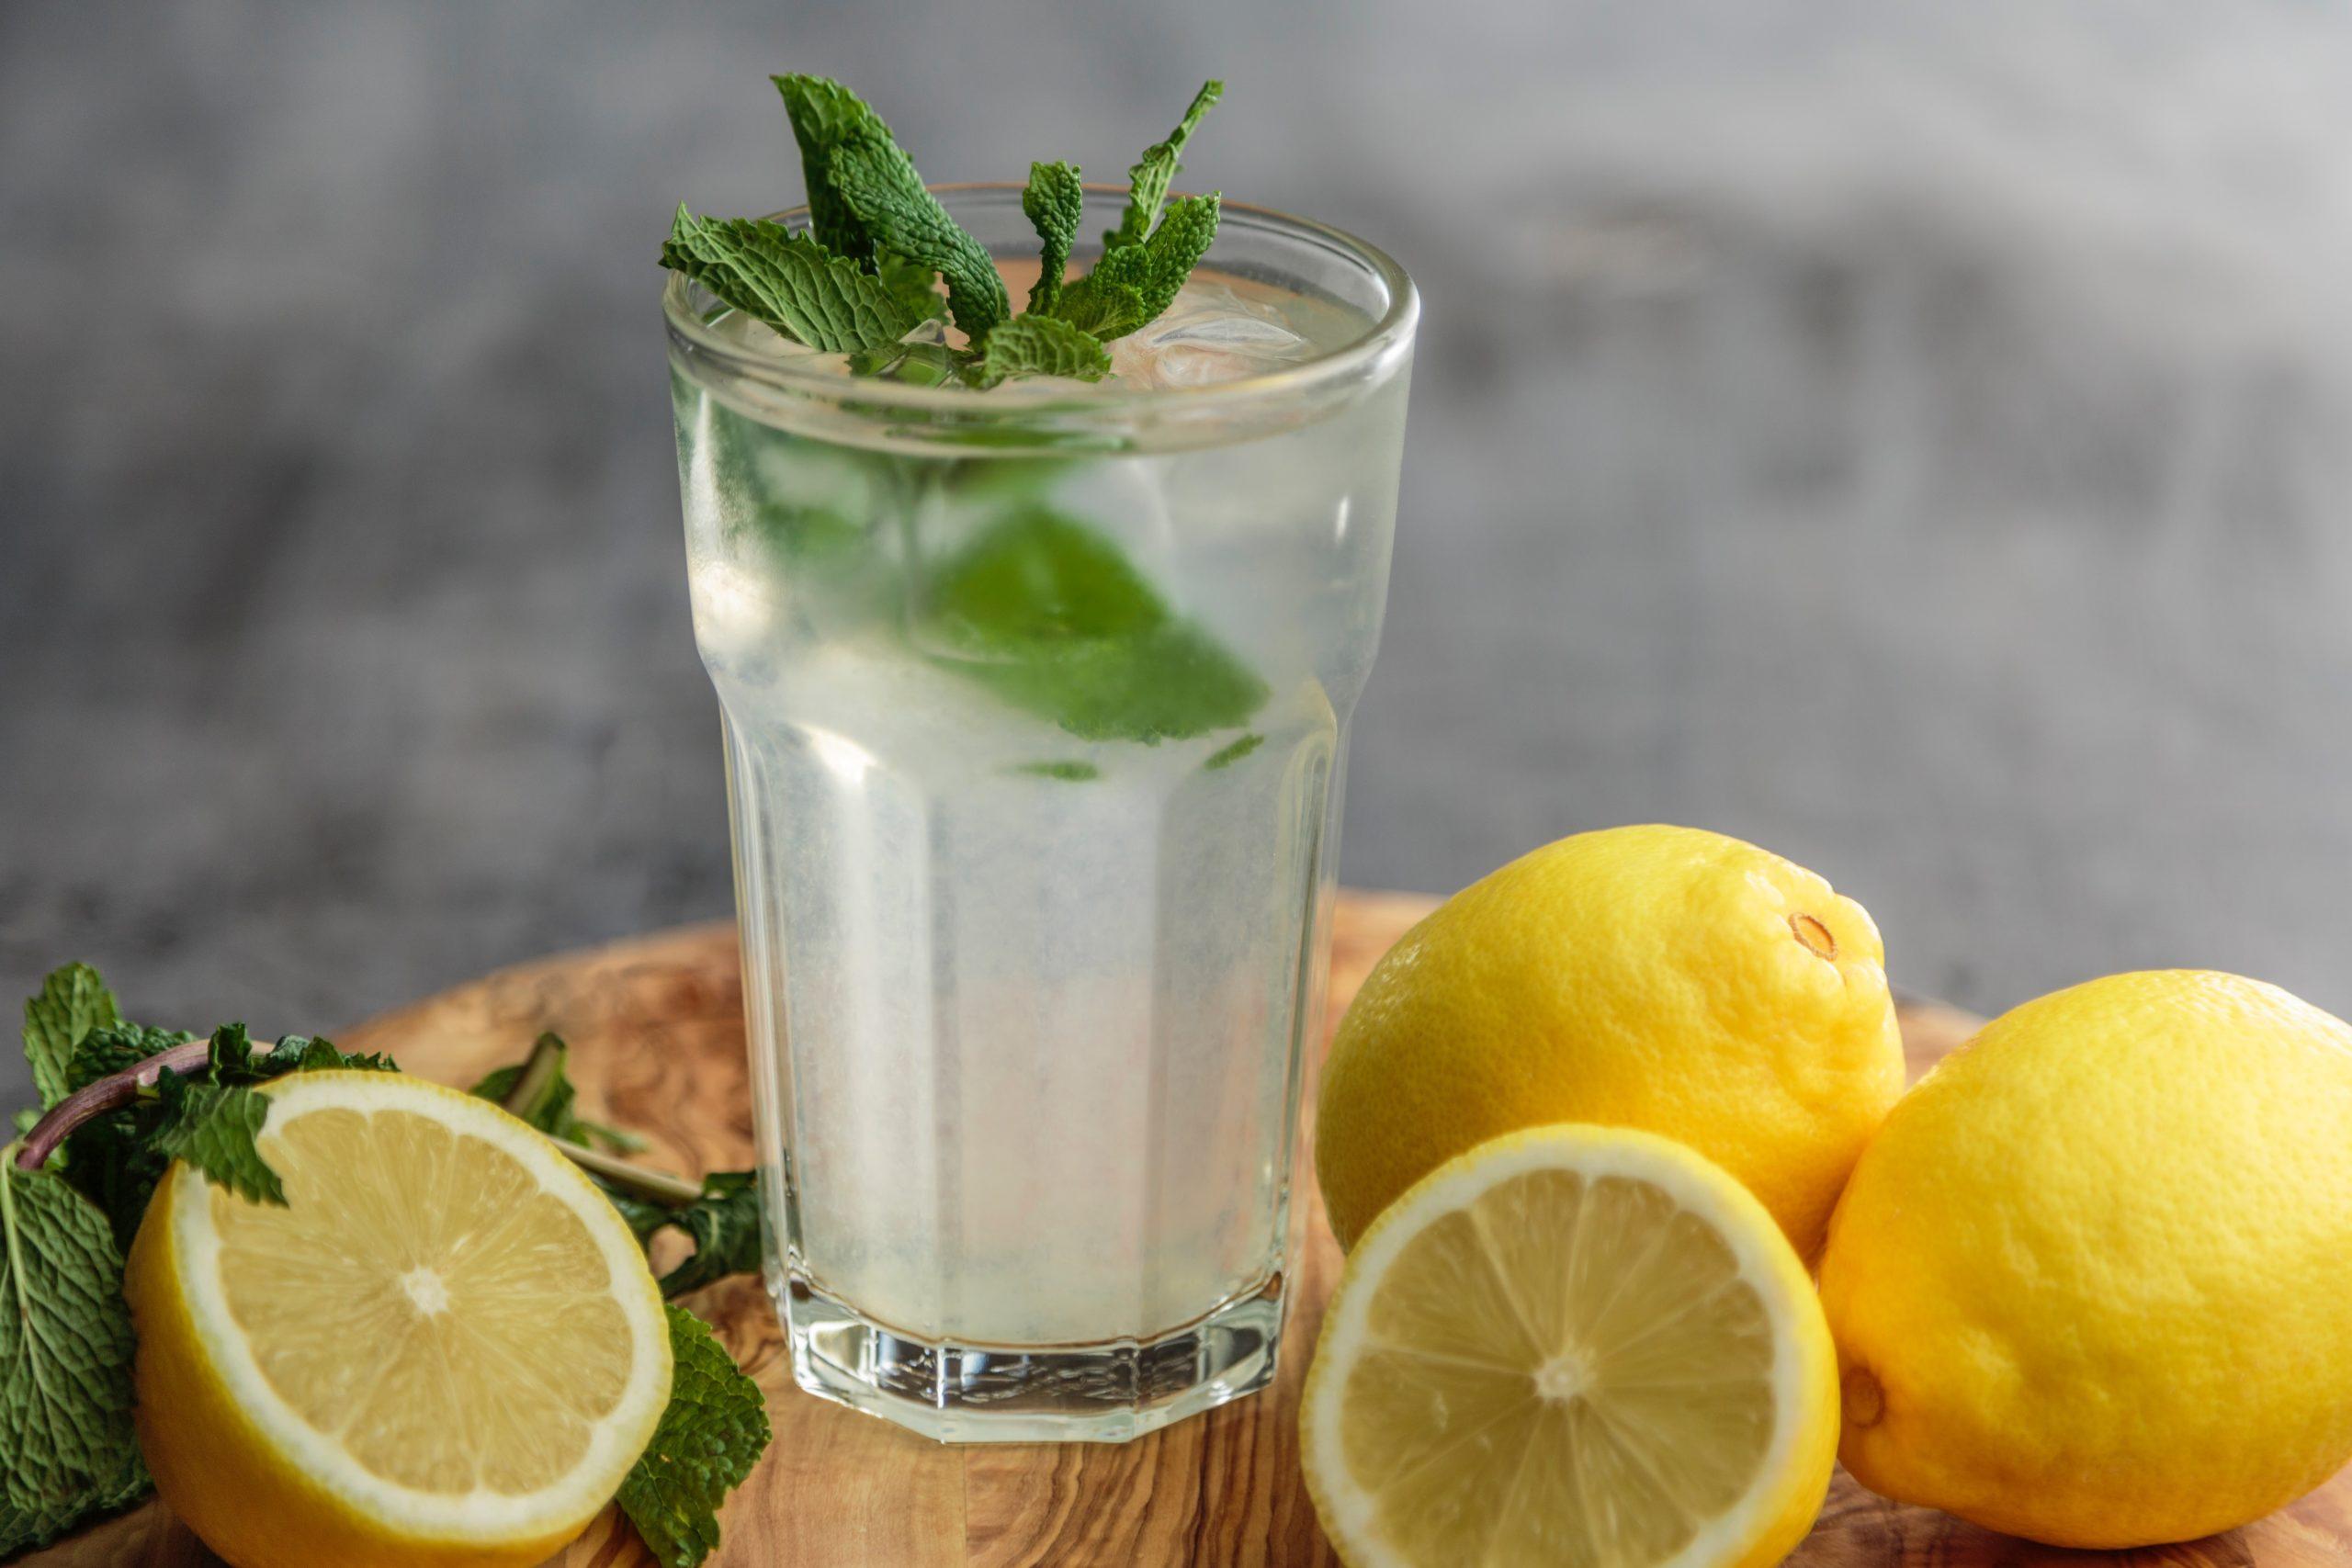 Lemons and glass of lemonade